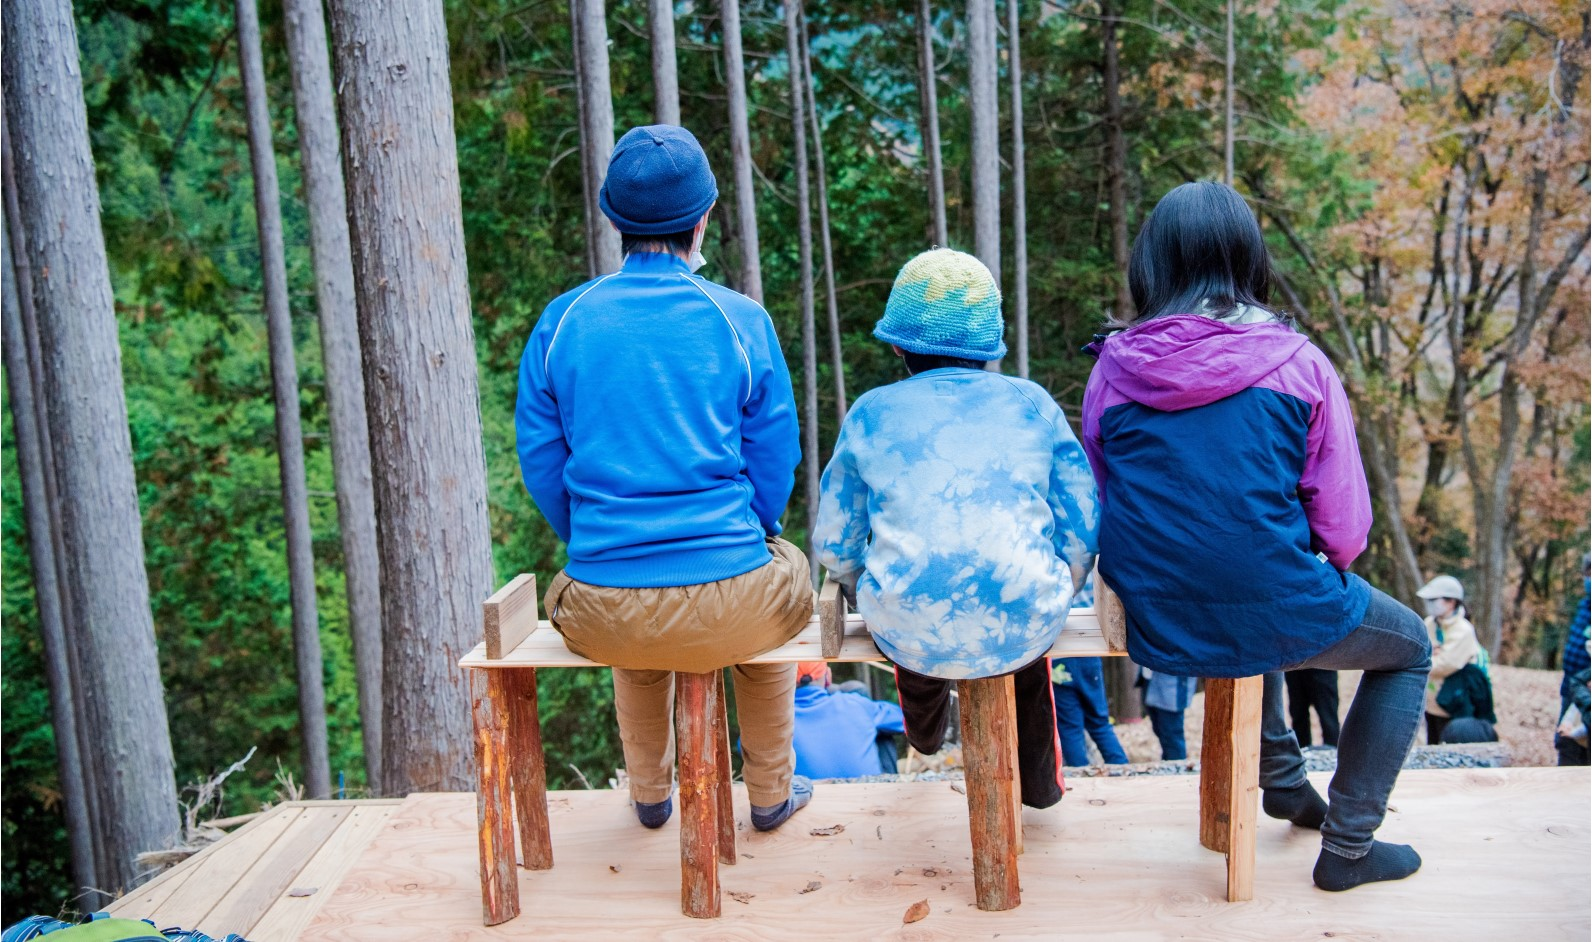 mökkiの森におかえりなさい#2 地球の学校ベンチづくりプロジェクト